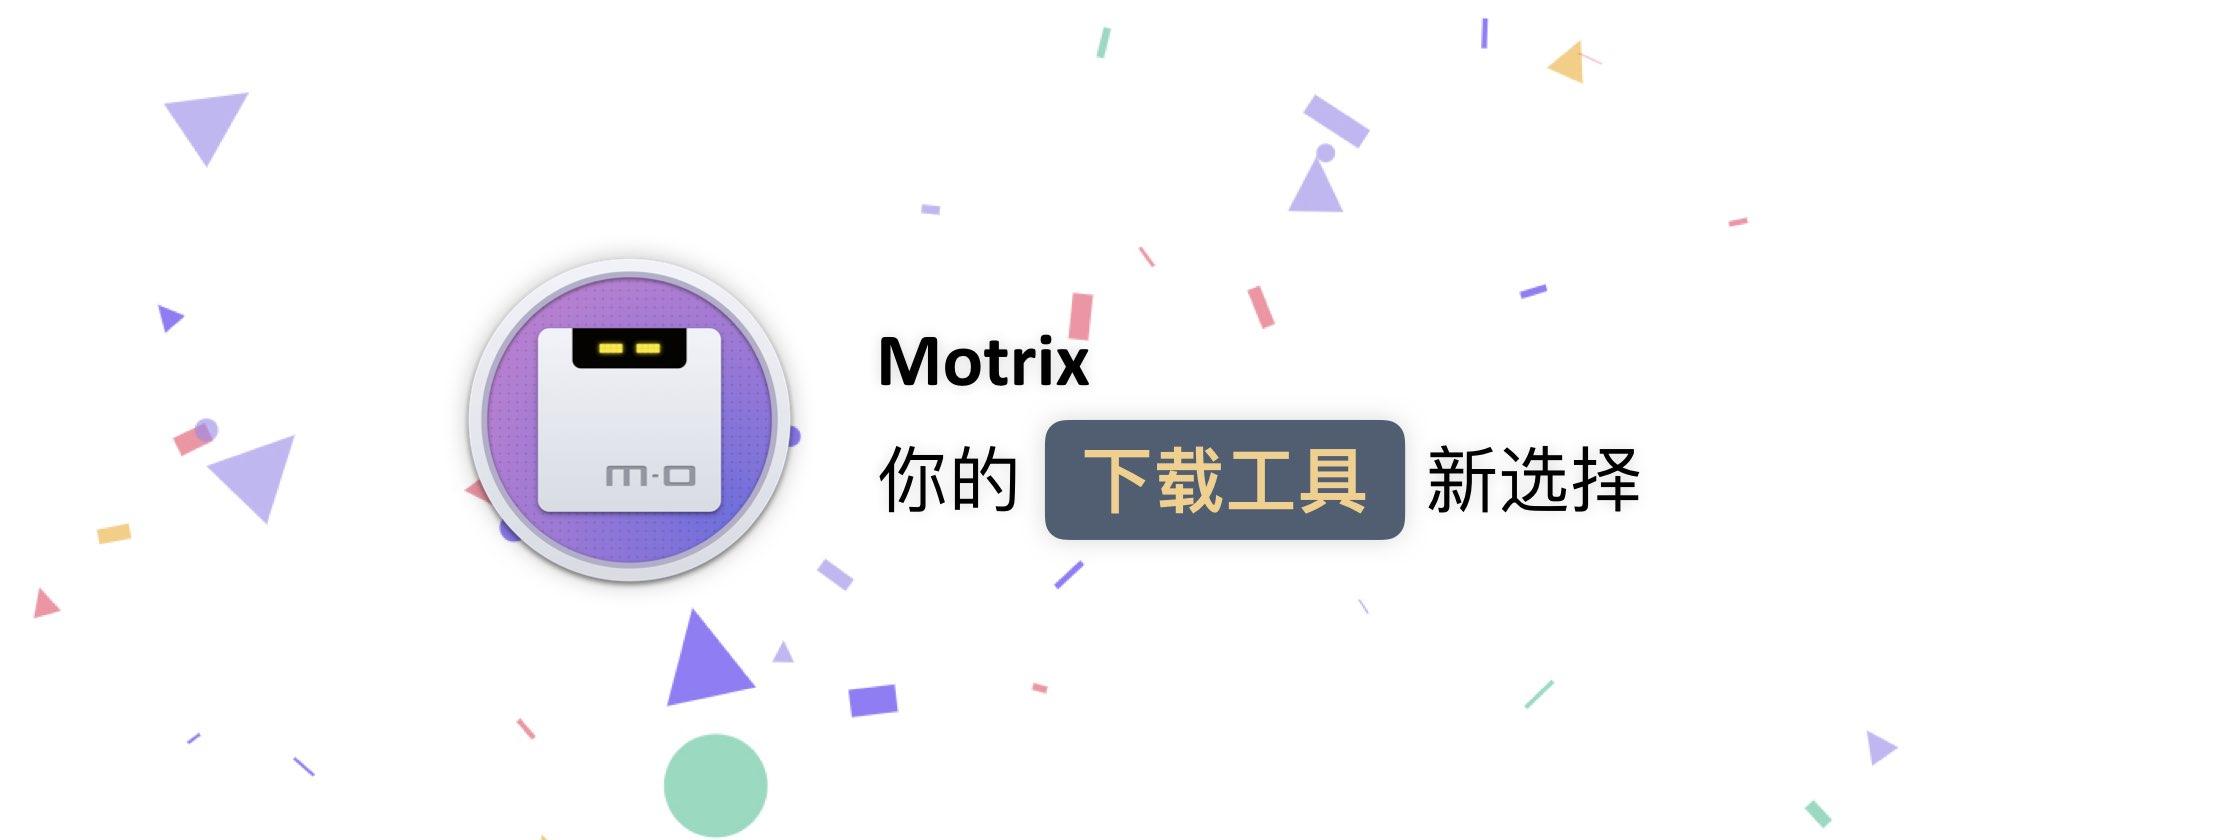 想要开源全平台的下载工具,试试看 Motrix